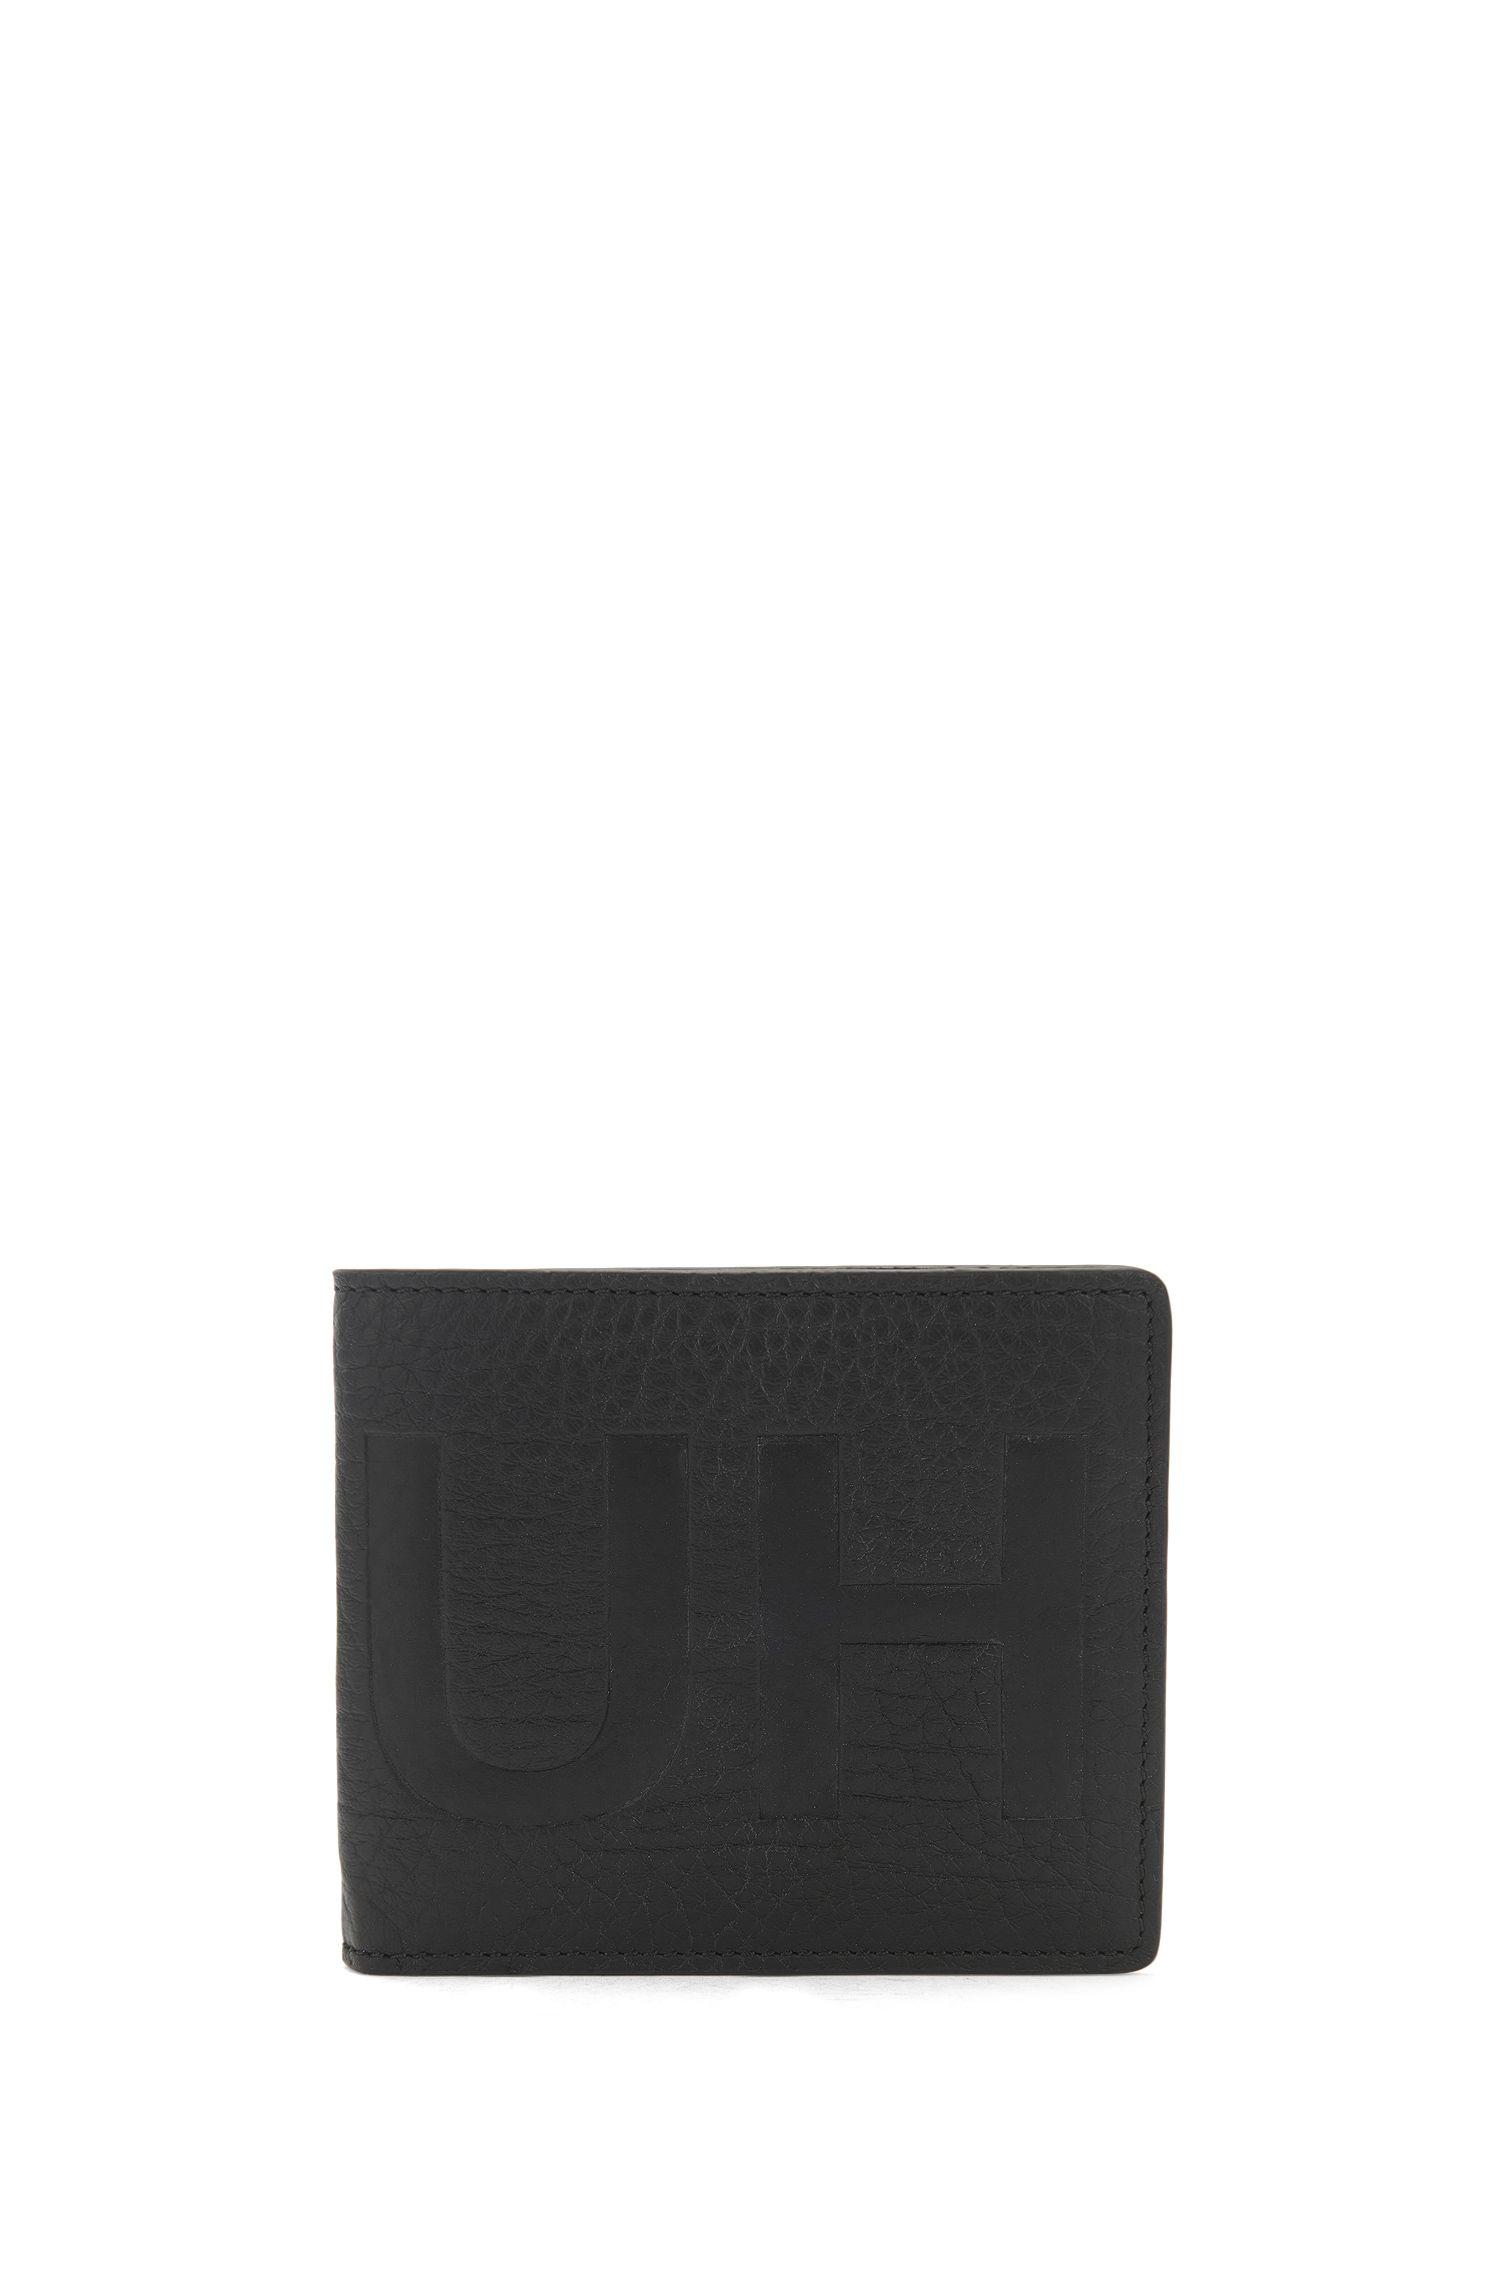 Klapp-Geldbörse aus genarbtem Leder mit spiegelverkehrtem Logo